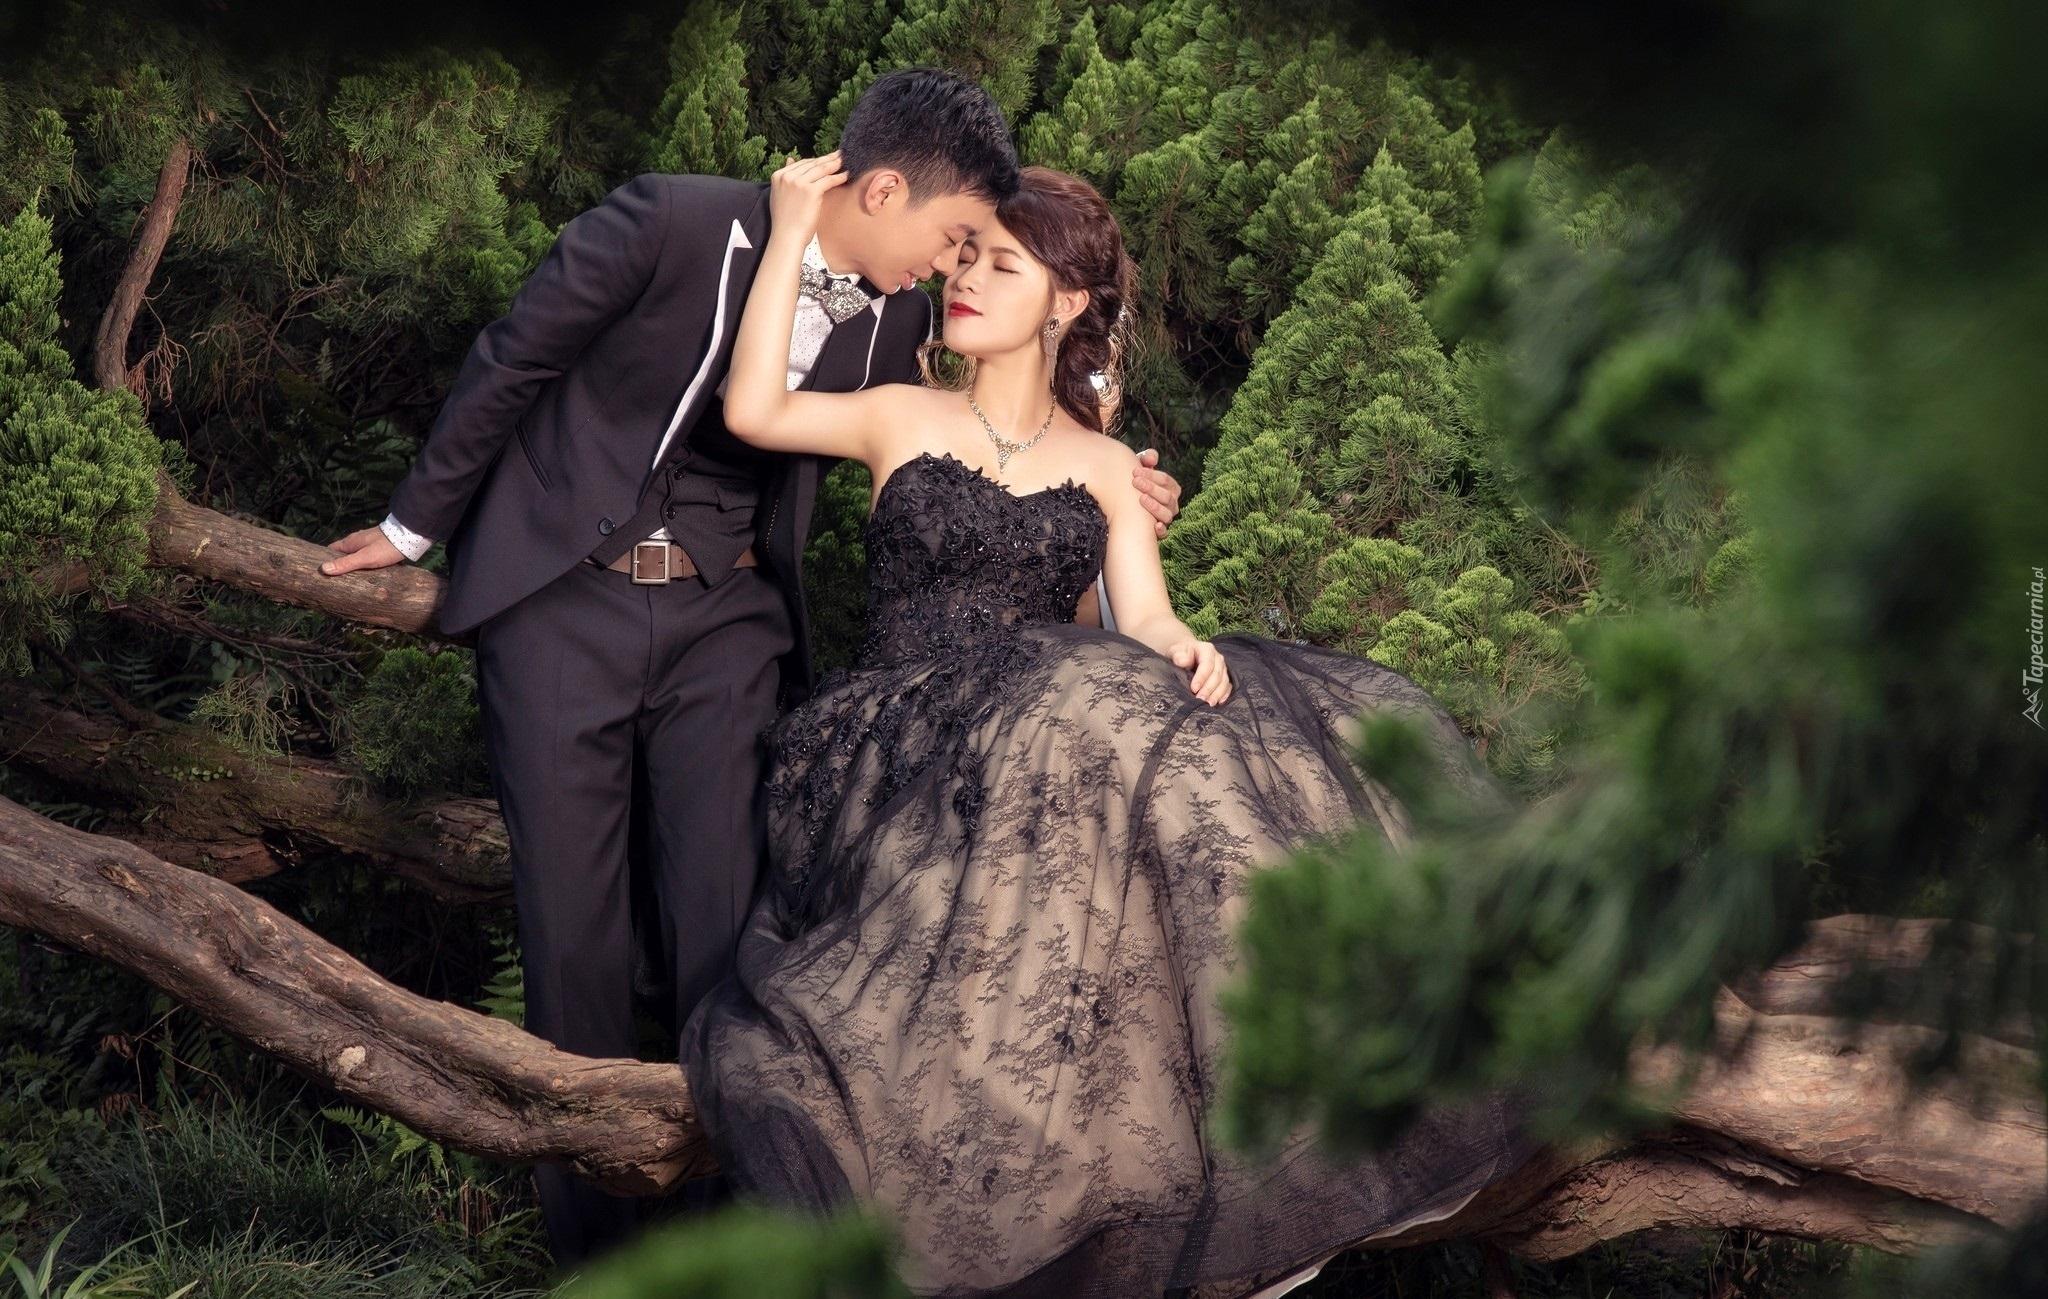 Kobieta I Mężczyzna W Lesie Między Konarami Drzew